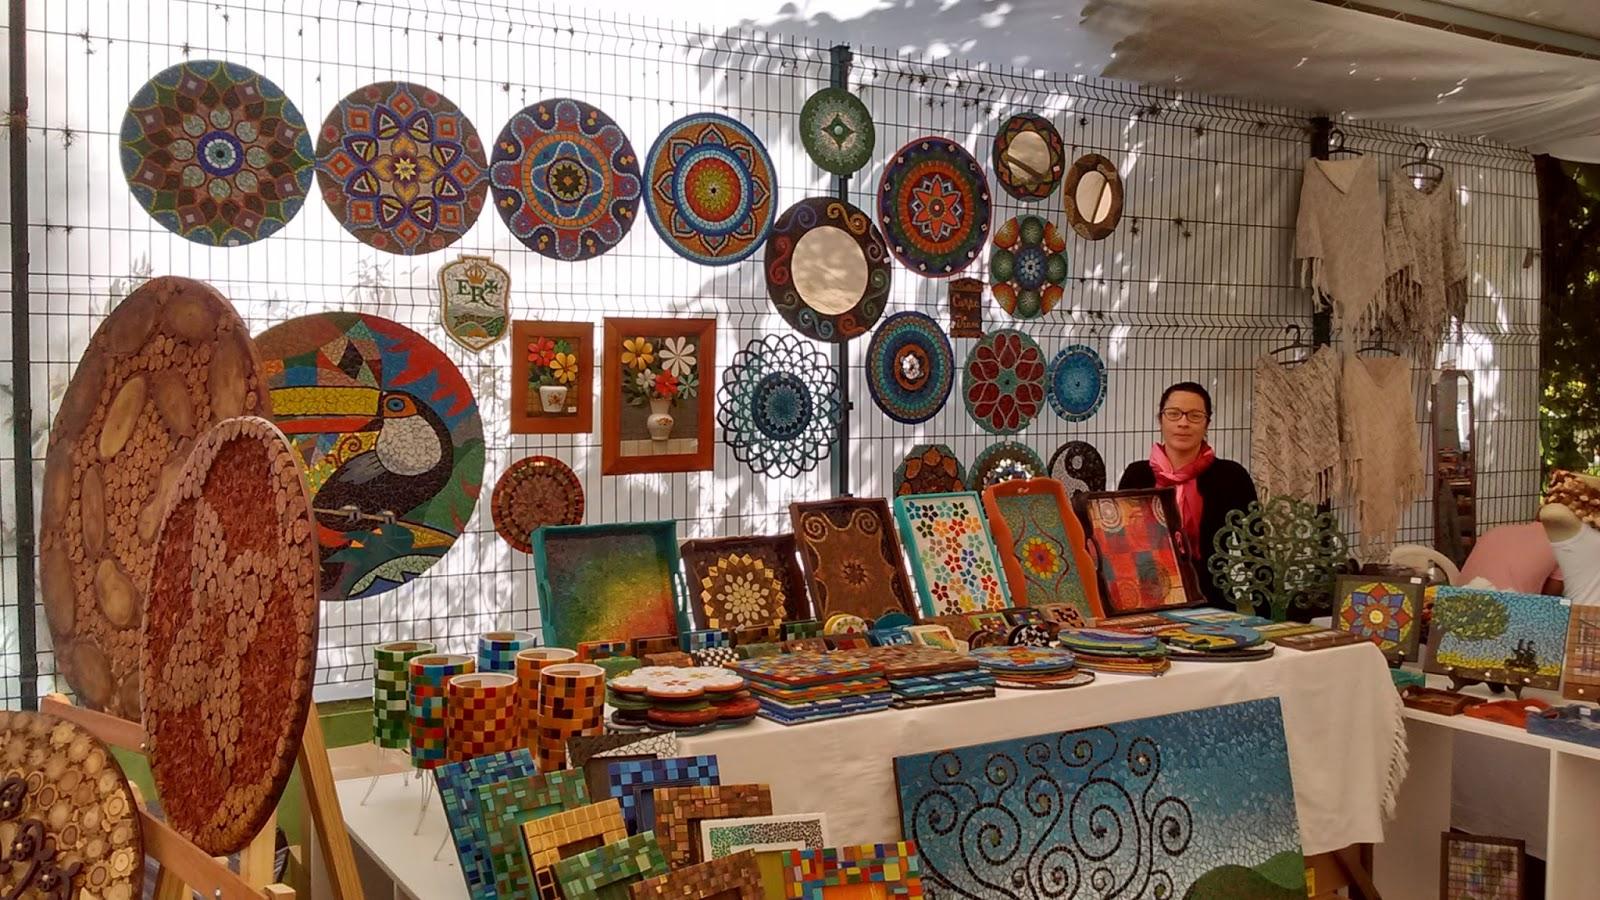 Armario Salon Segunda Mano ~ Arte Livre Mosaico Feira do Artesanato Mineiro S u00e3o Lourenço MG 14 06 a 18 06 2017